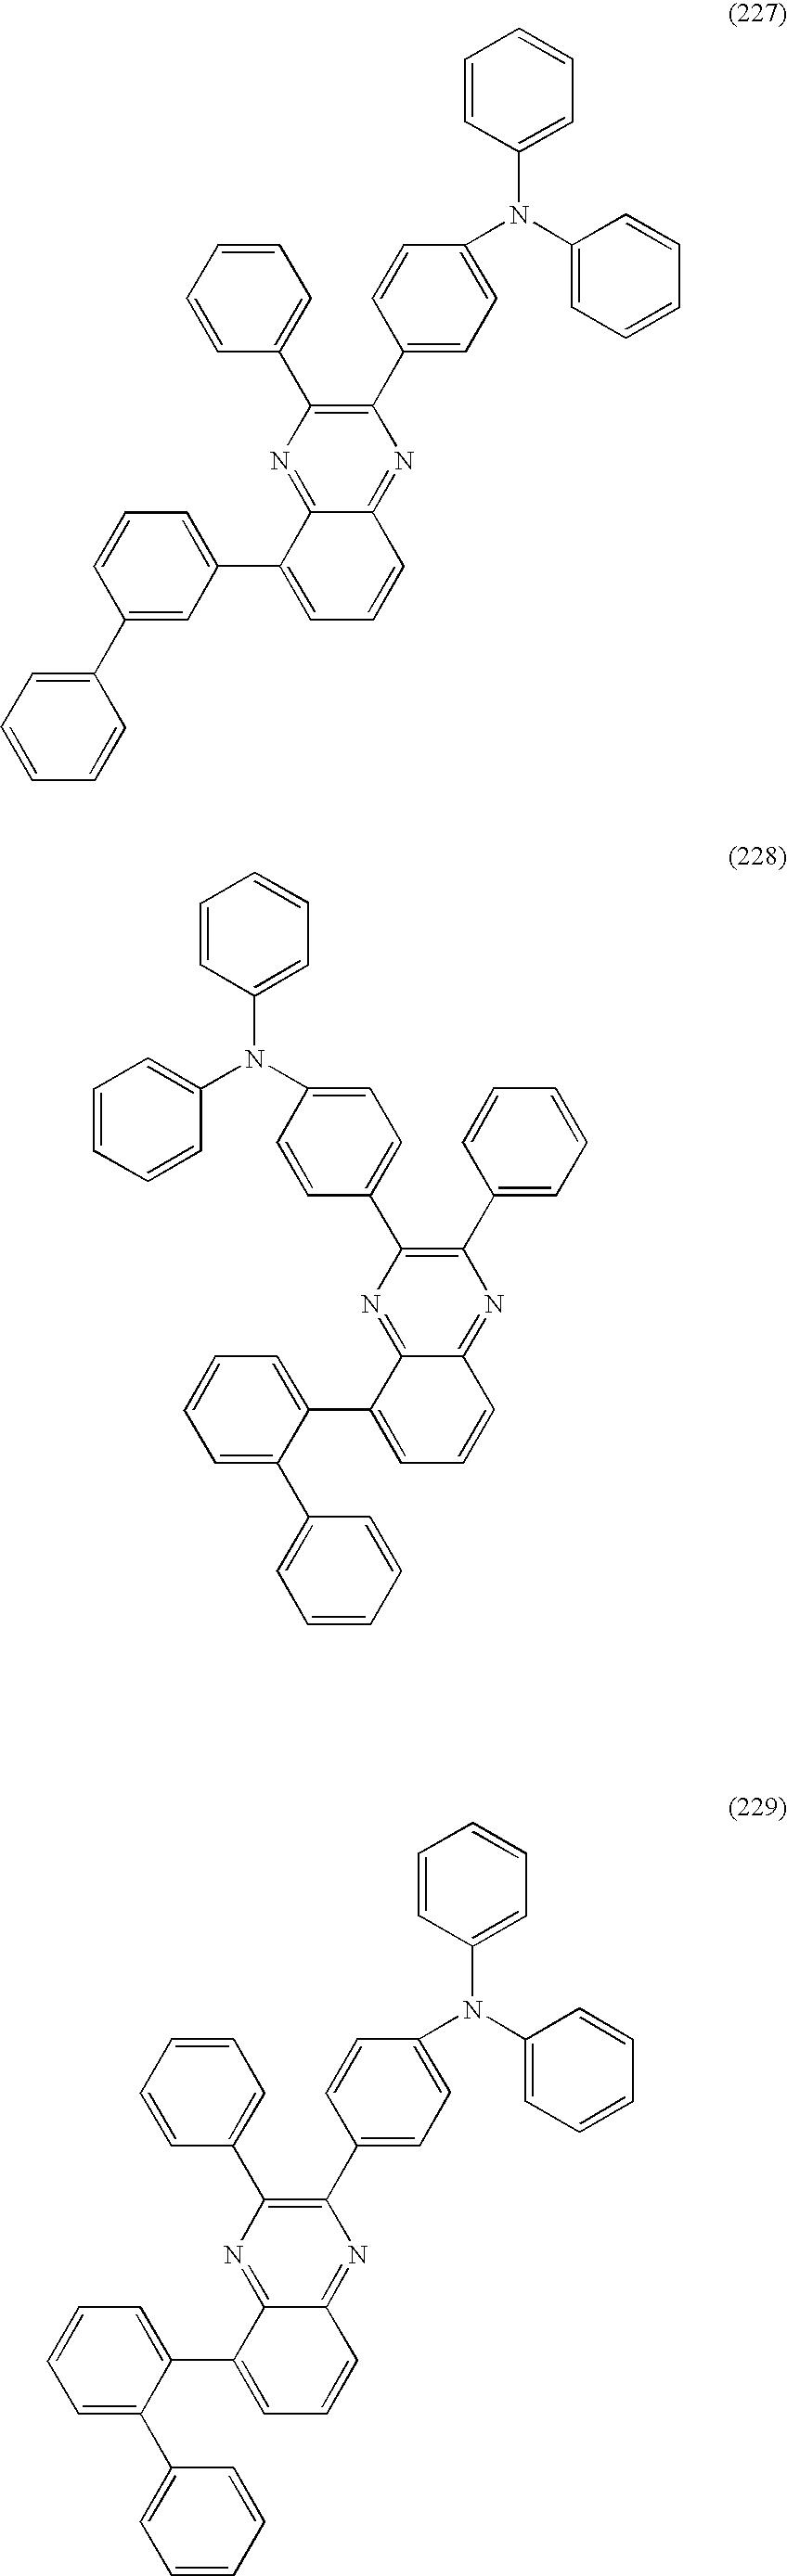 Figure US08178216-20120515-C00077